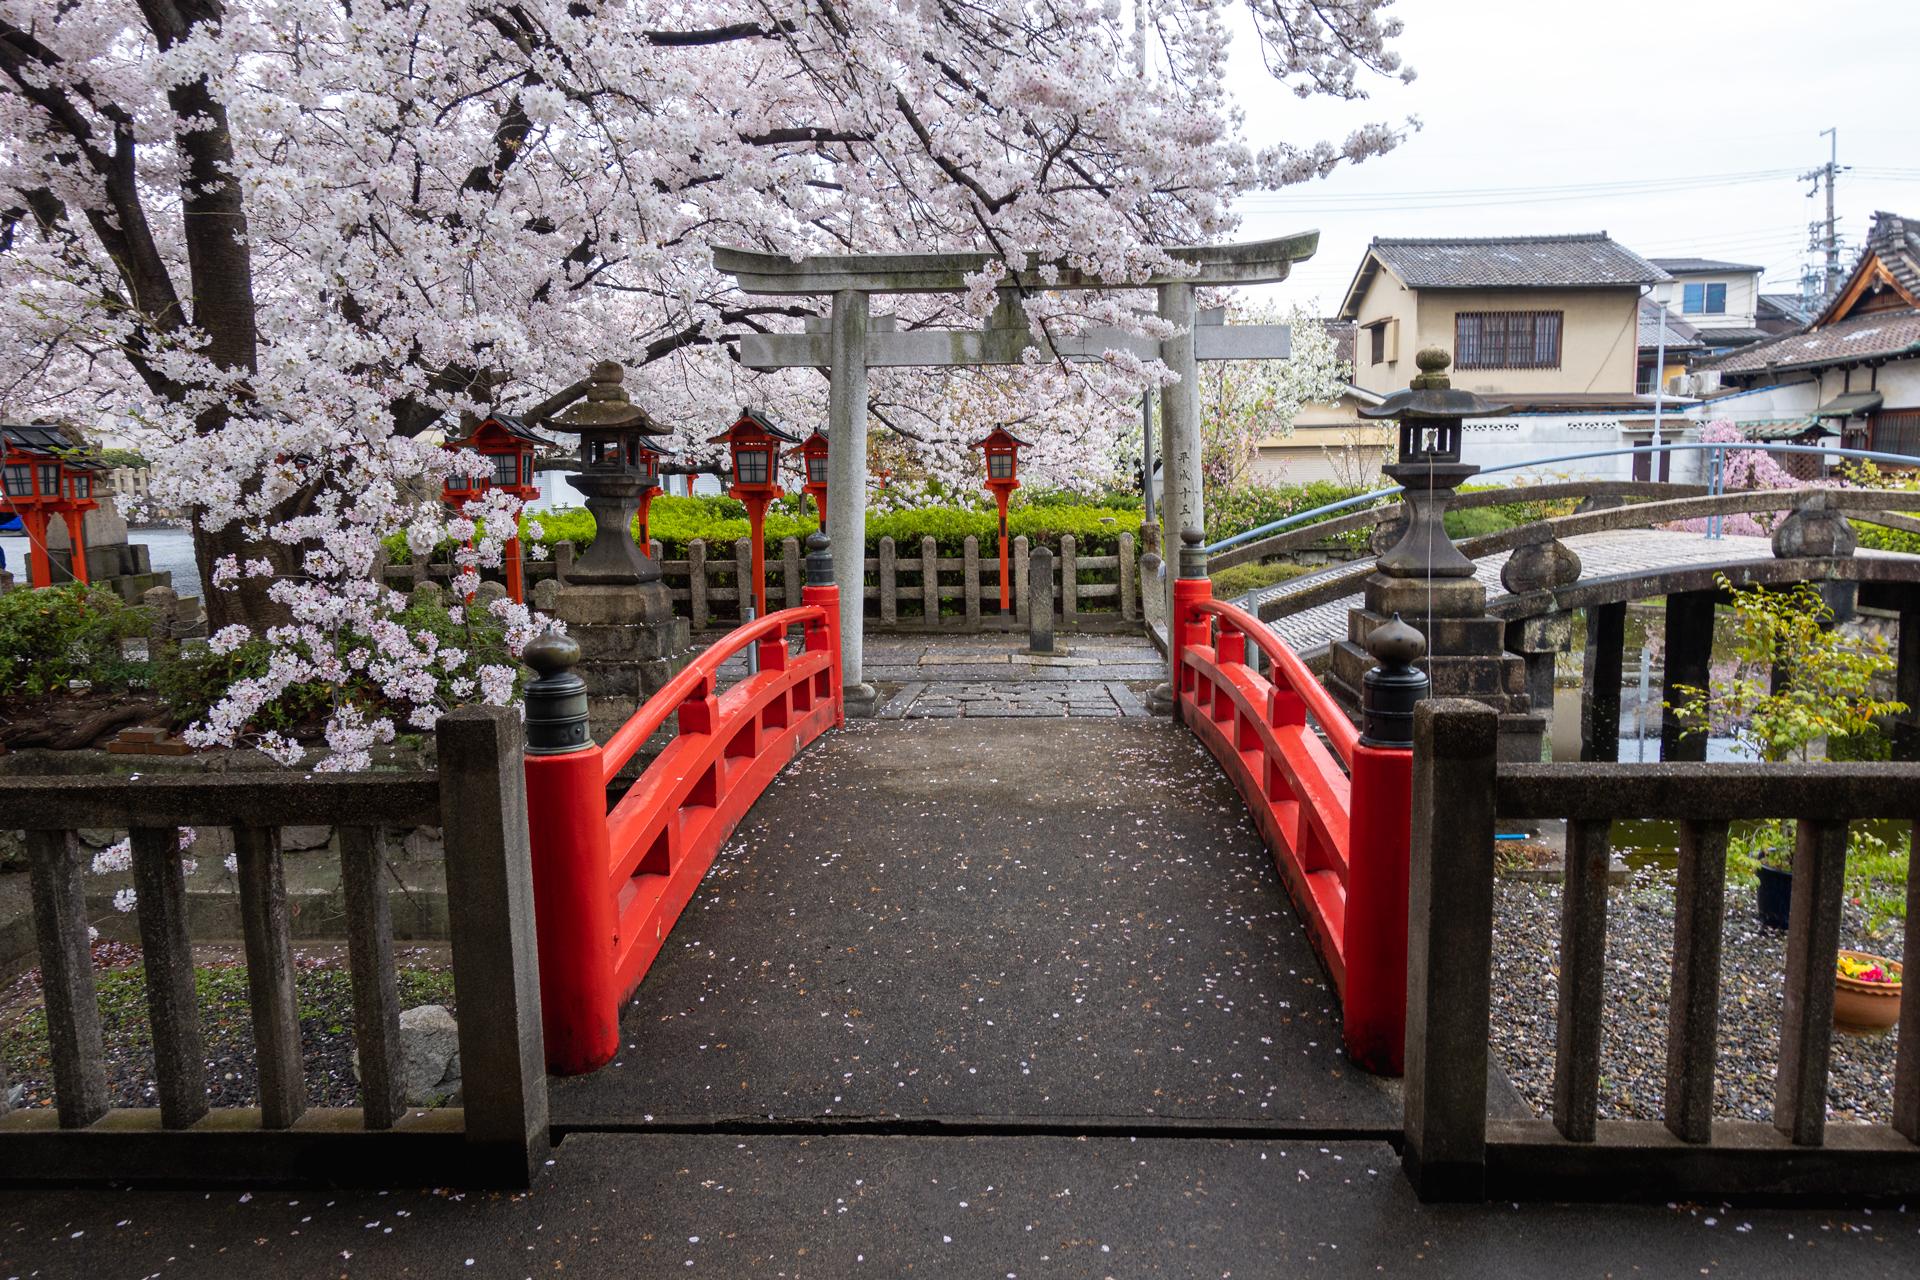 DSC05201 京都府 六孫王神社(桜と灯籠の景色が美しい春におすすめ写真スポット! 撮影した写真の紹介、アクセス情報など)